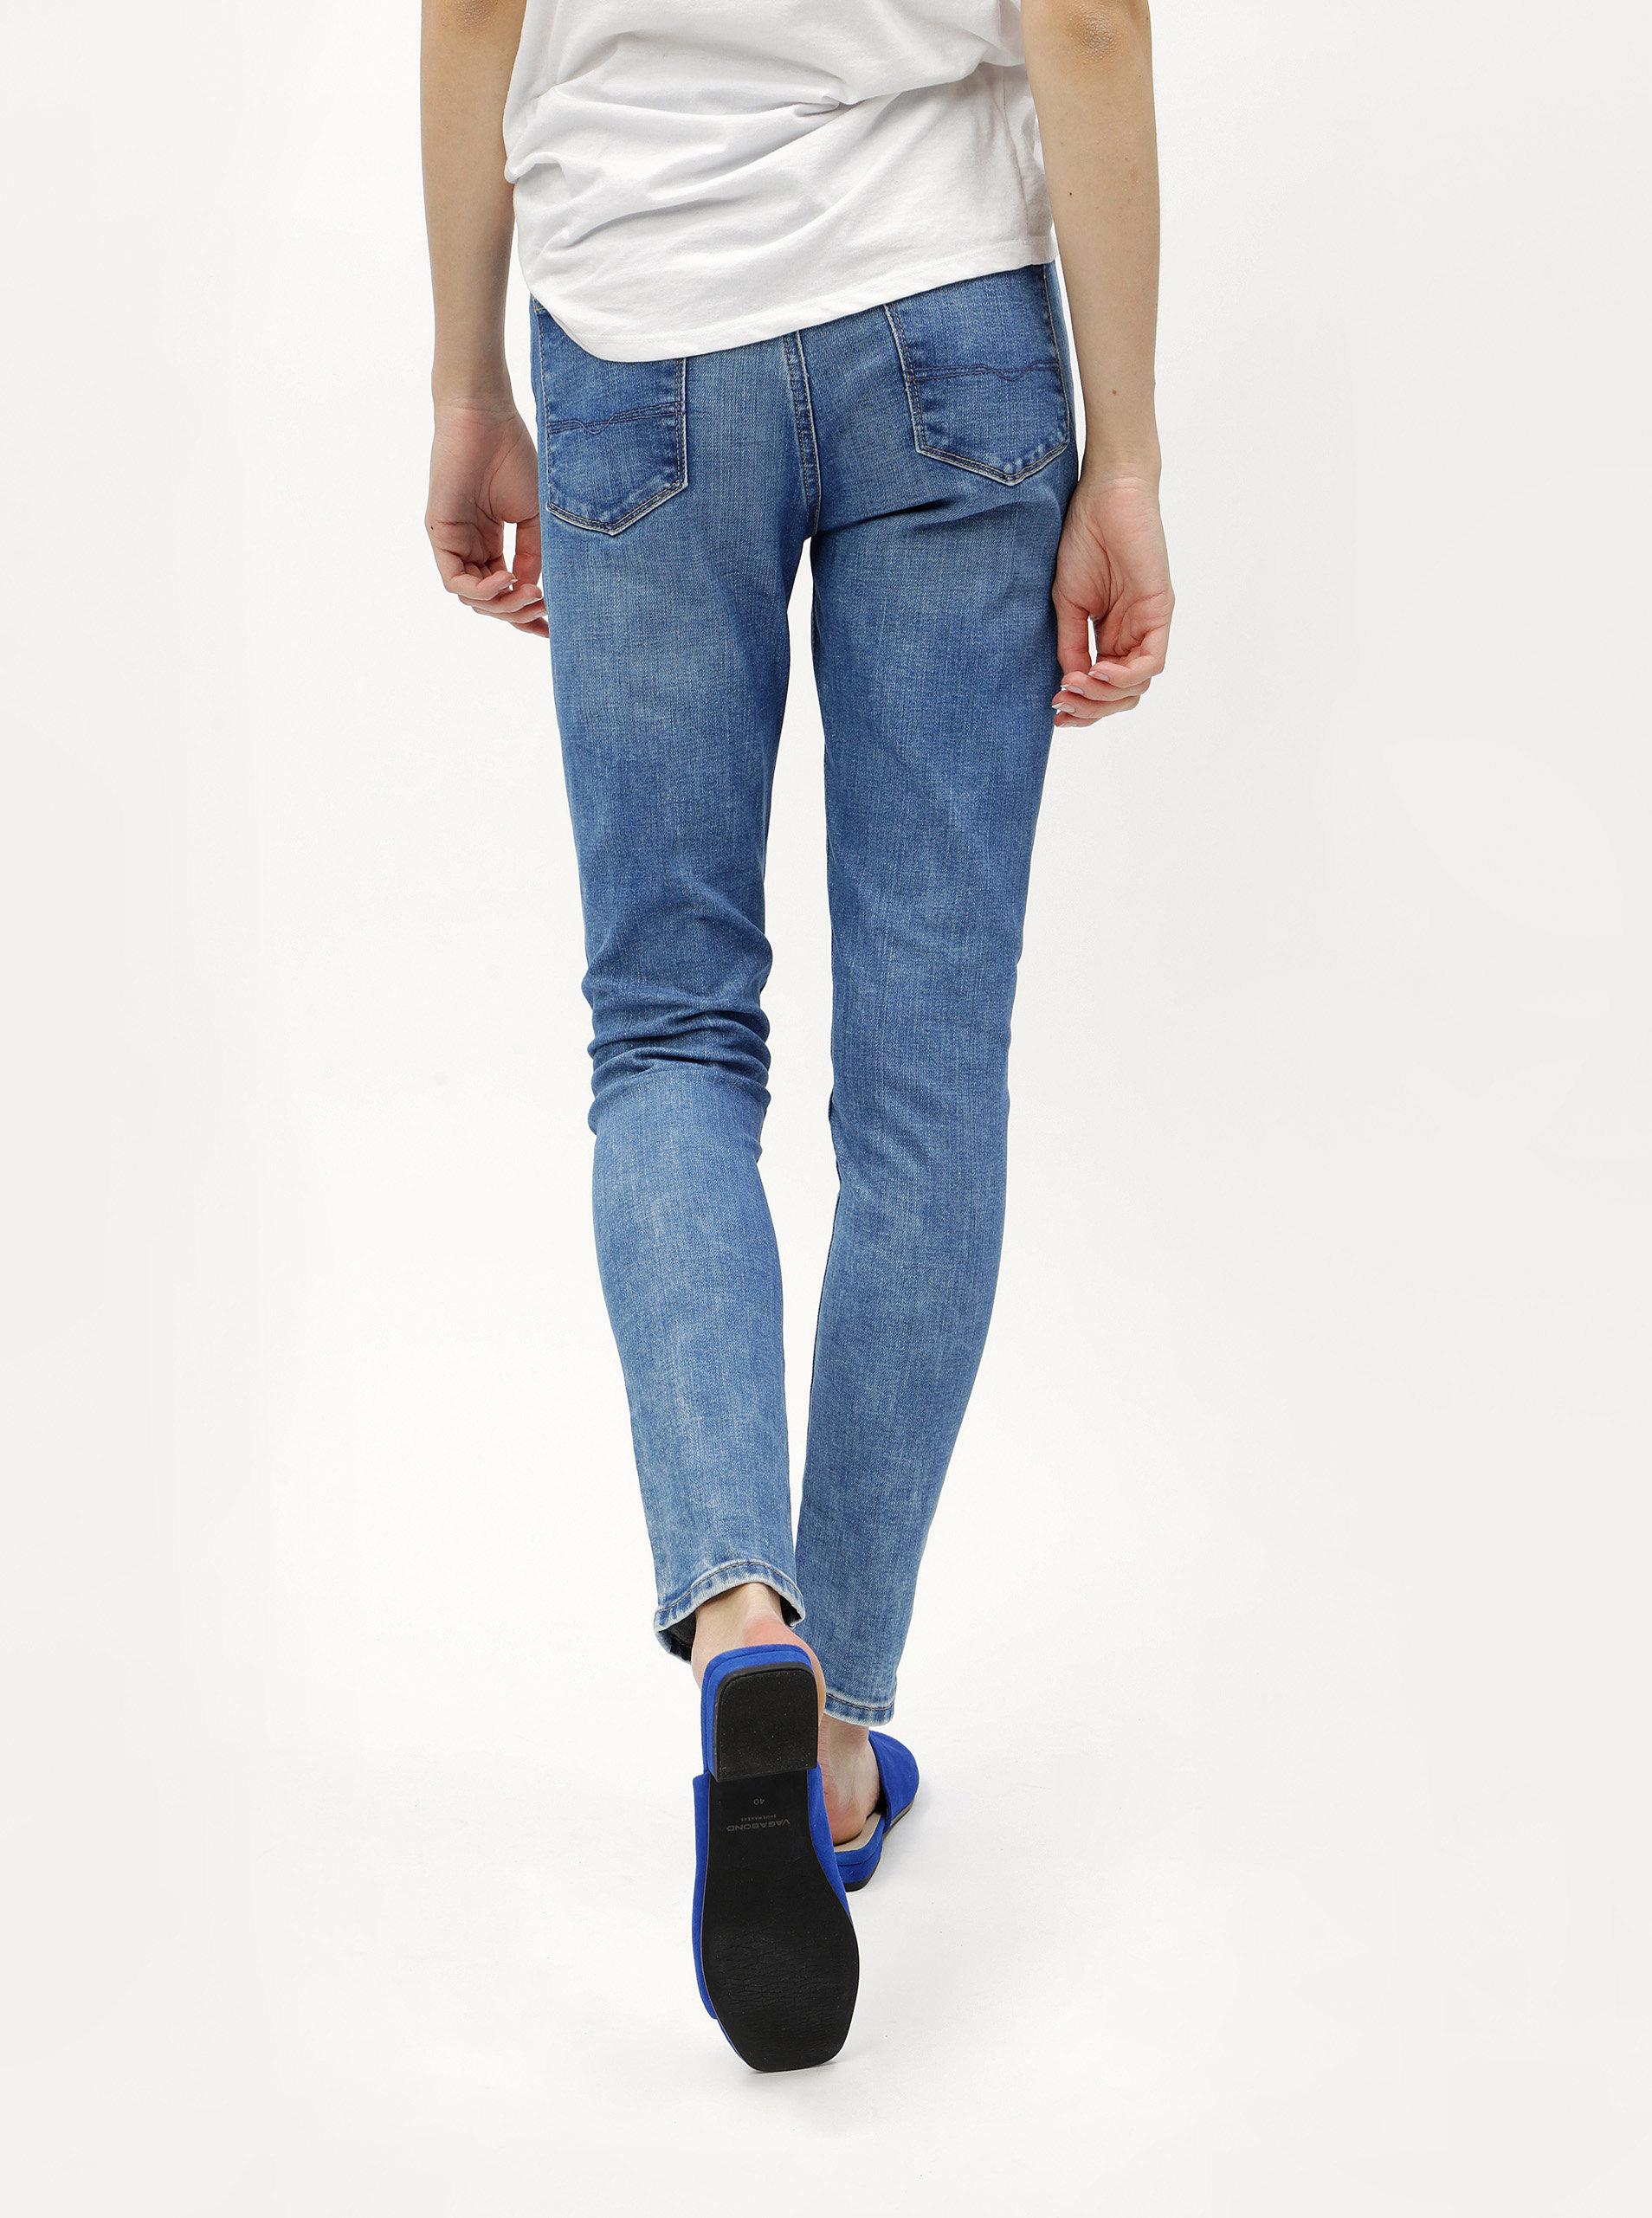 0ed62de595b Modré dámské skinny džíny s vysokým pasem džíny Pepe Jeans ...